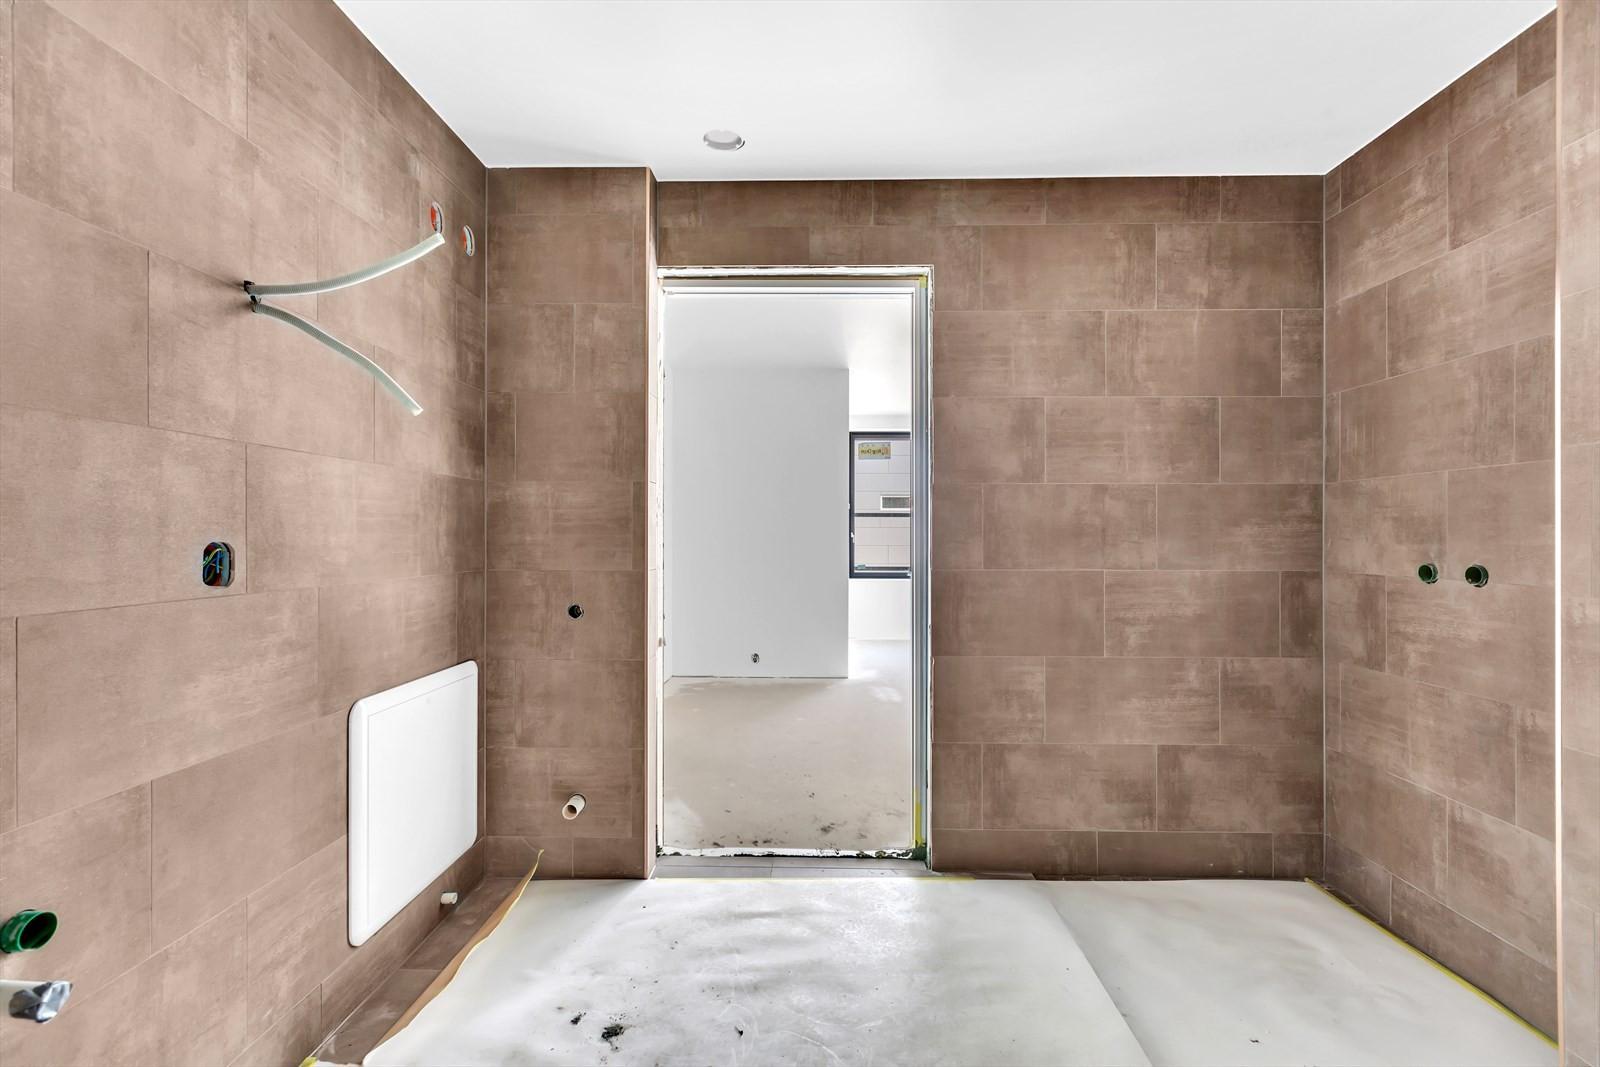 Badet med delikate fliser - fra leilighet 301